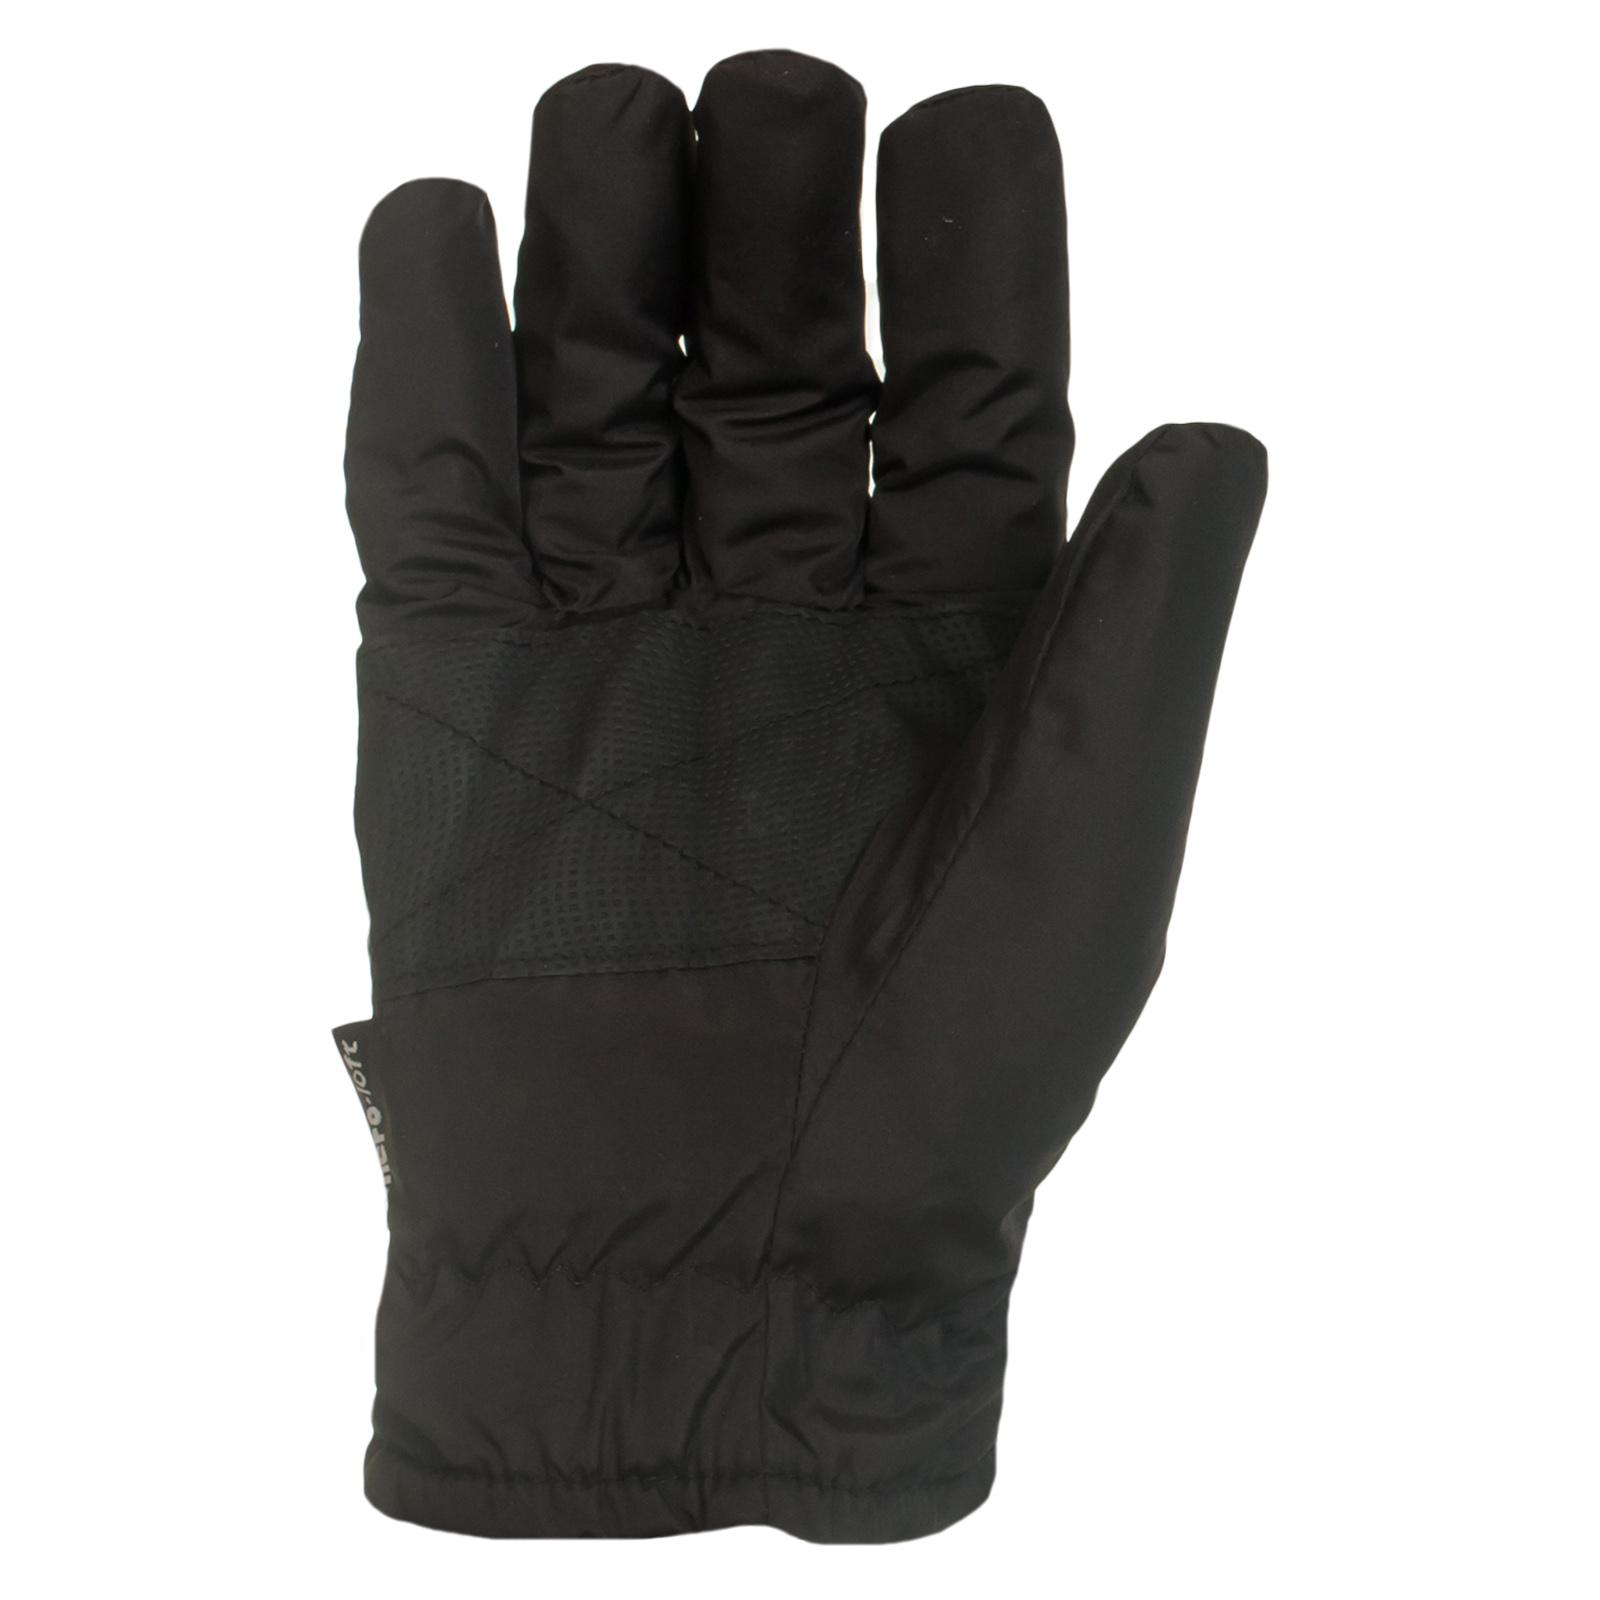 Купить зачетные серые перчатки по экономичной цене